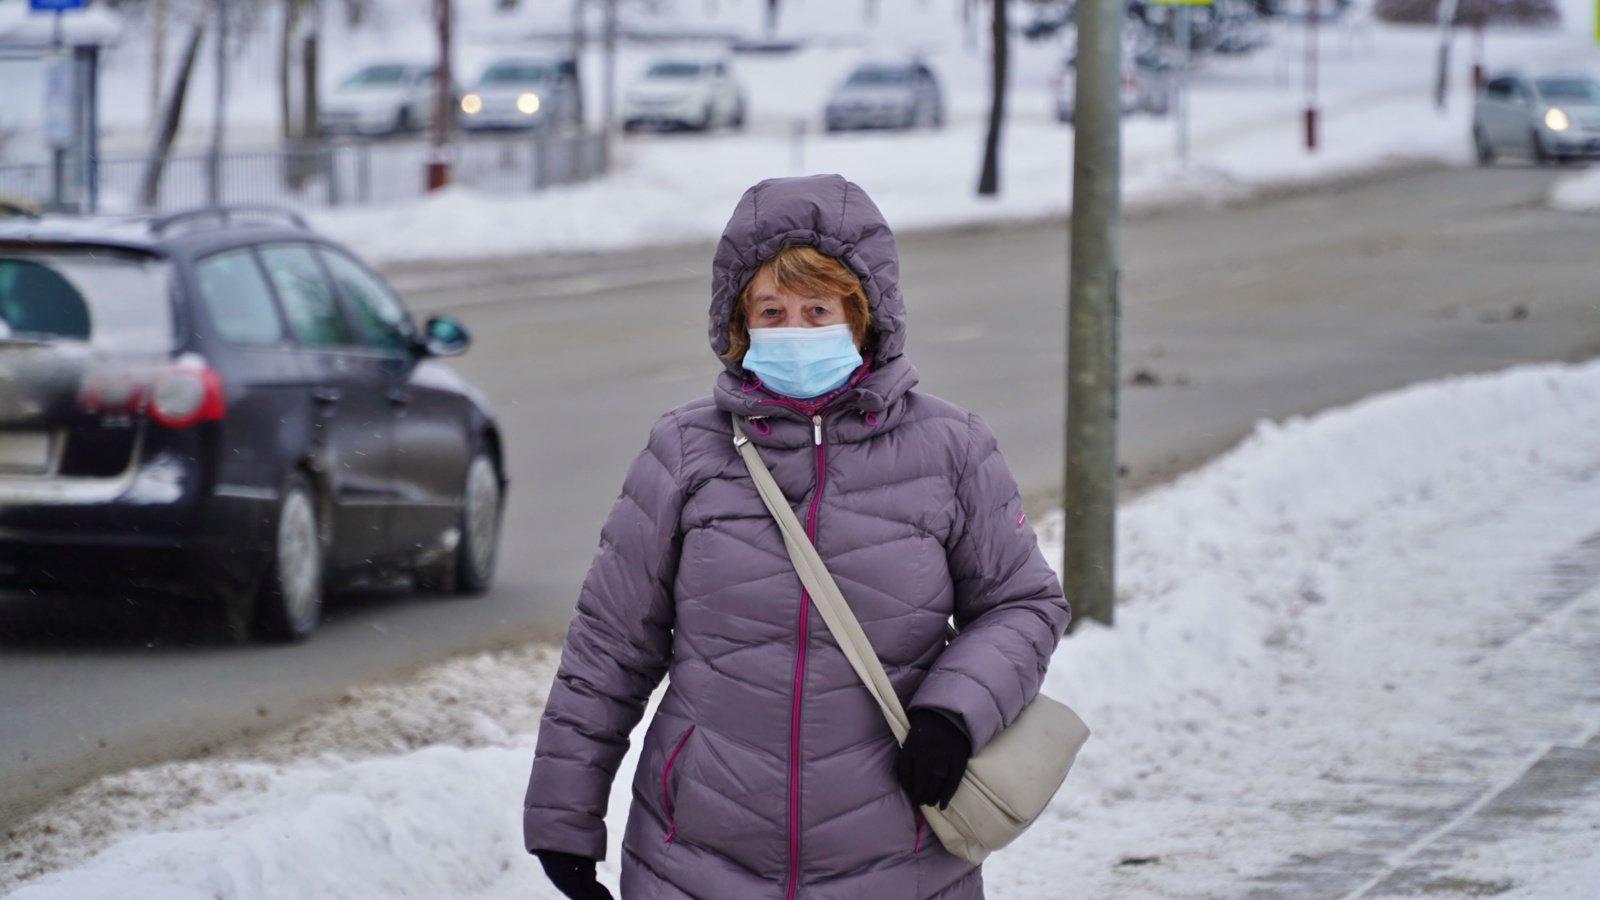 Epidemiologinius duomenis dėl koronaviruso šiemet savarankiškai pateikė 1,6 tūkst. žmonių